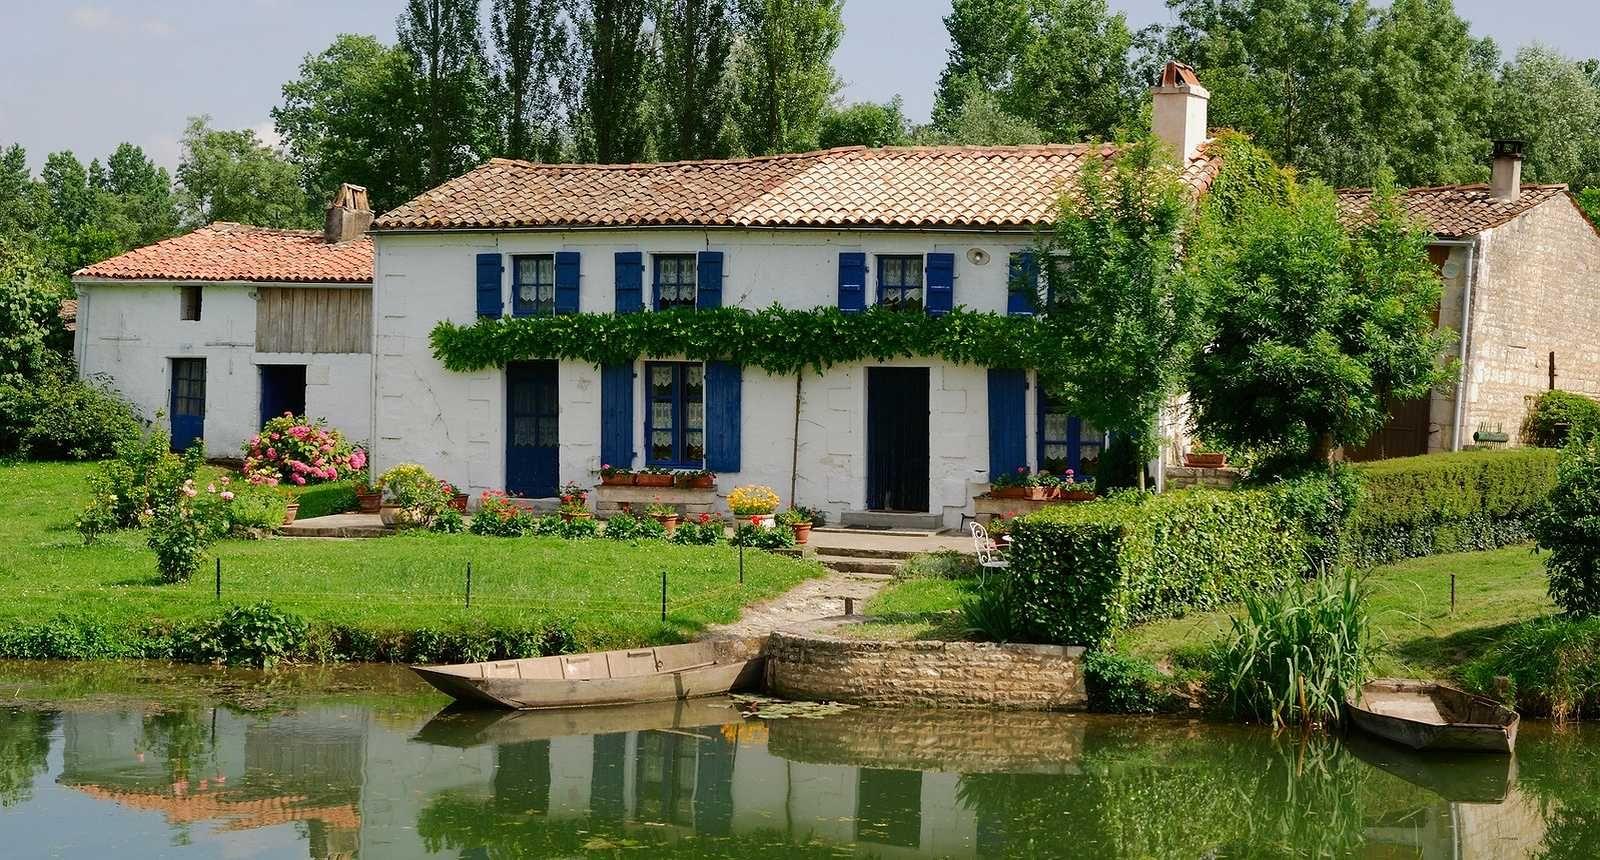 7 maison volets bleu marais poitevin maison id ale ext rieur - Maison ideale ...